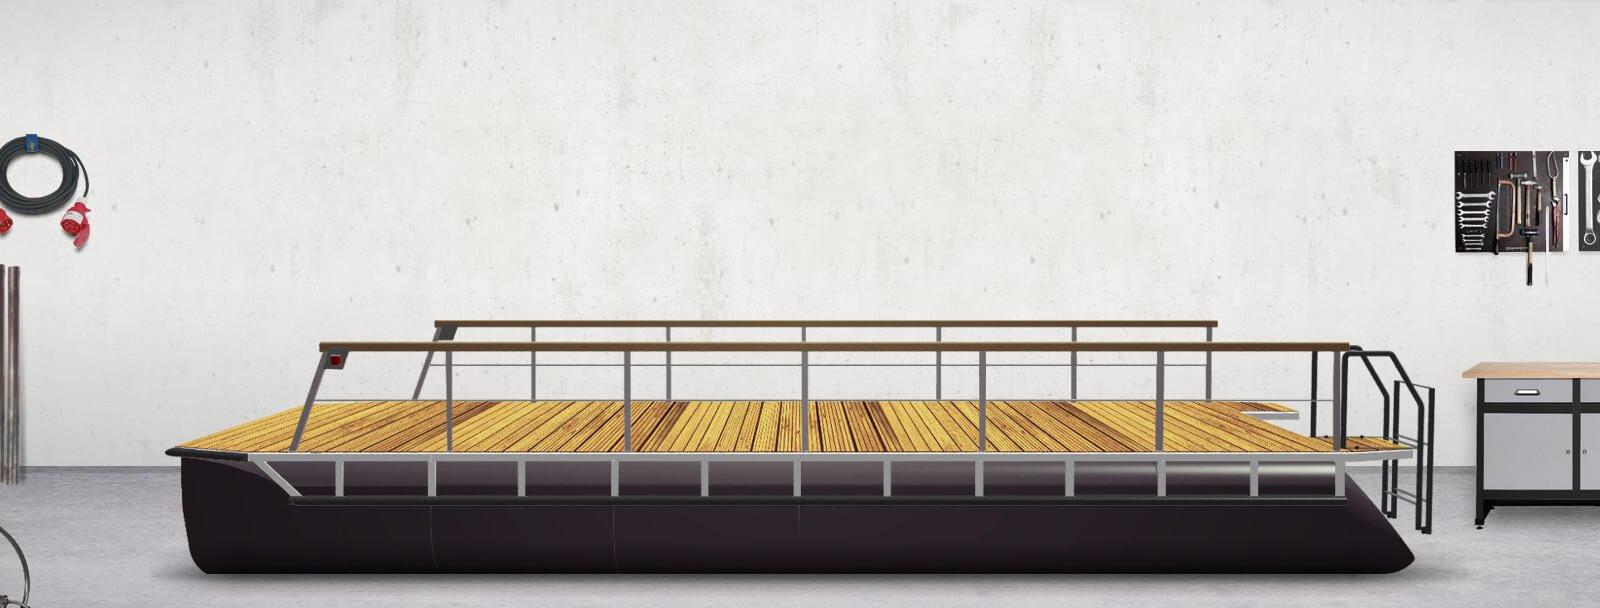 Geländer mit Holzhandlauf, Rammschutz, Positionslichter und Badeleiter